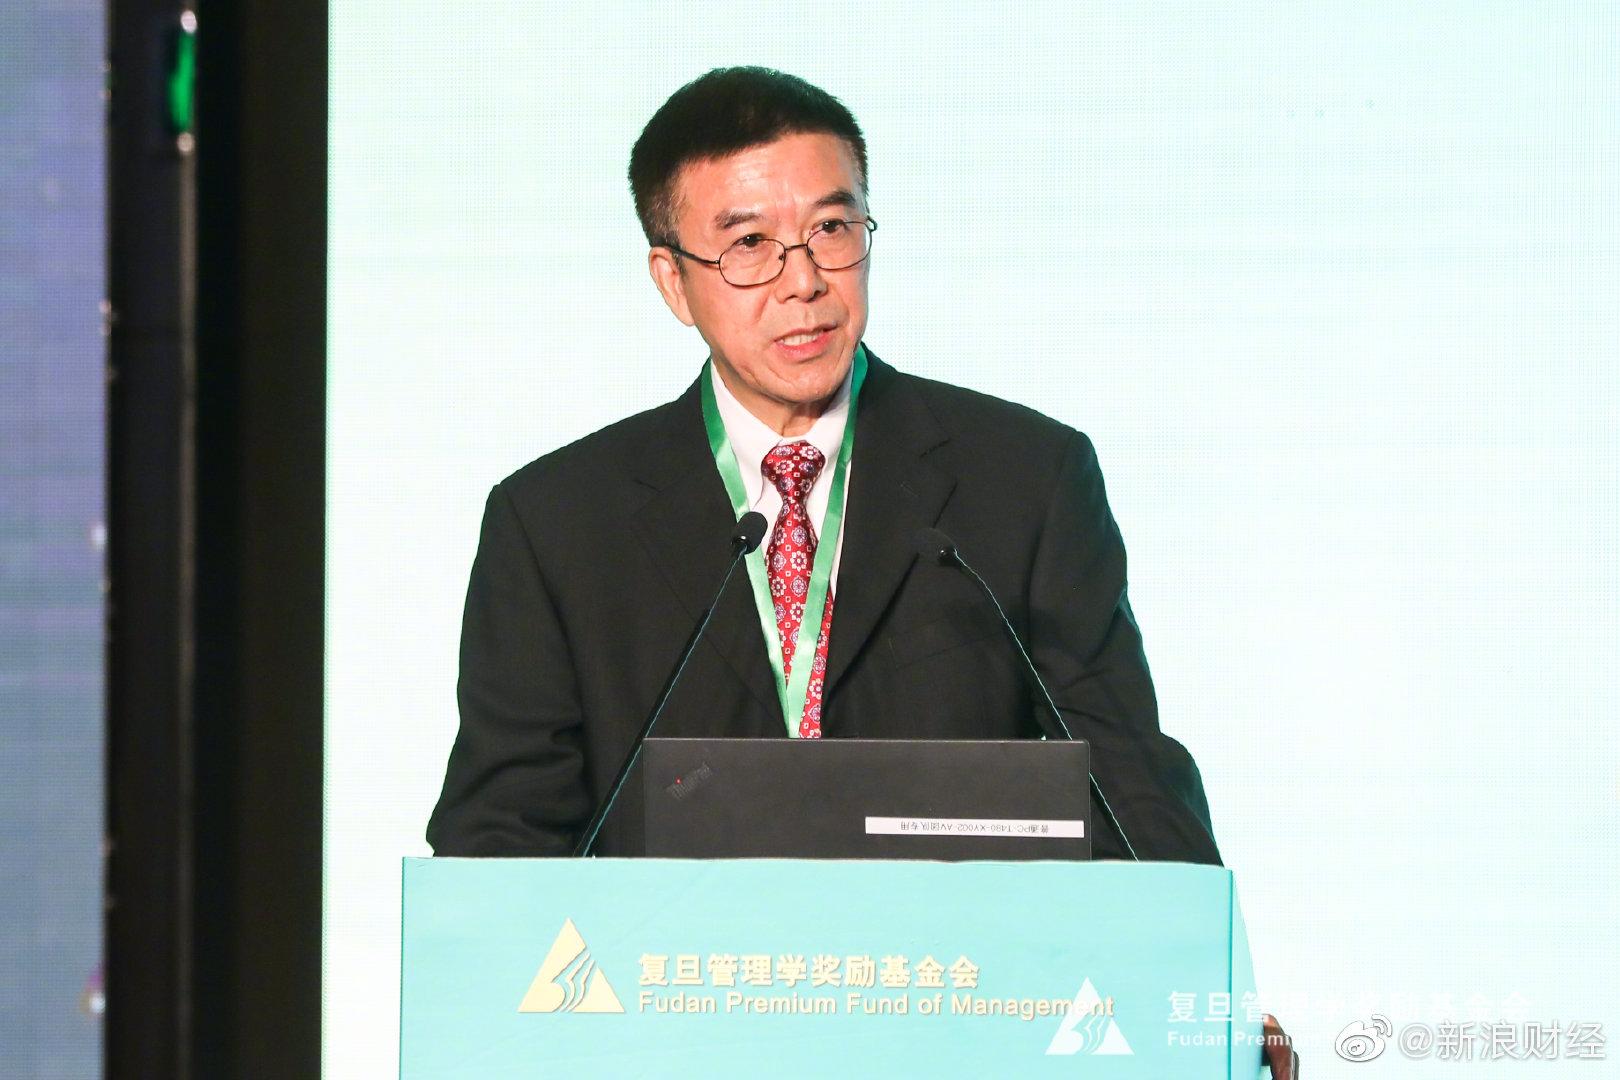 复旦管理学奖励基金会颁奖:赵纯均、雷军获殊荣